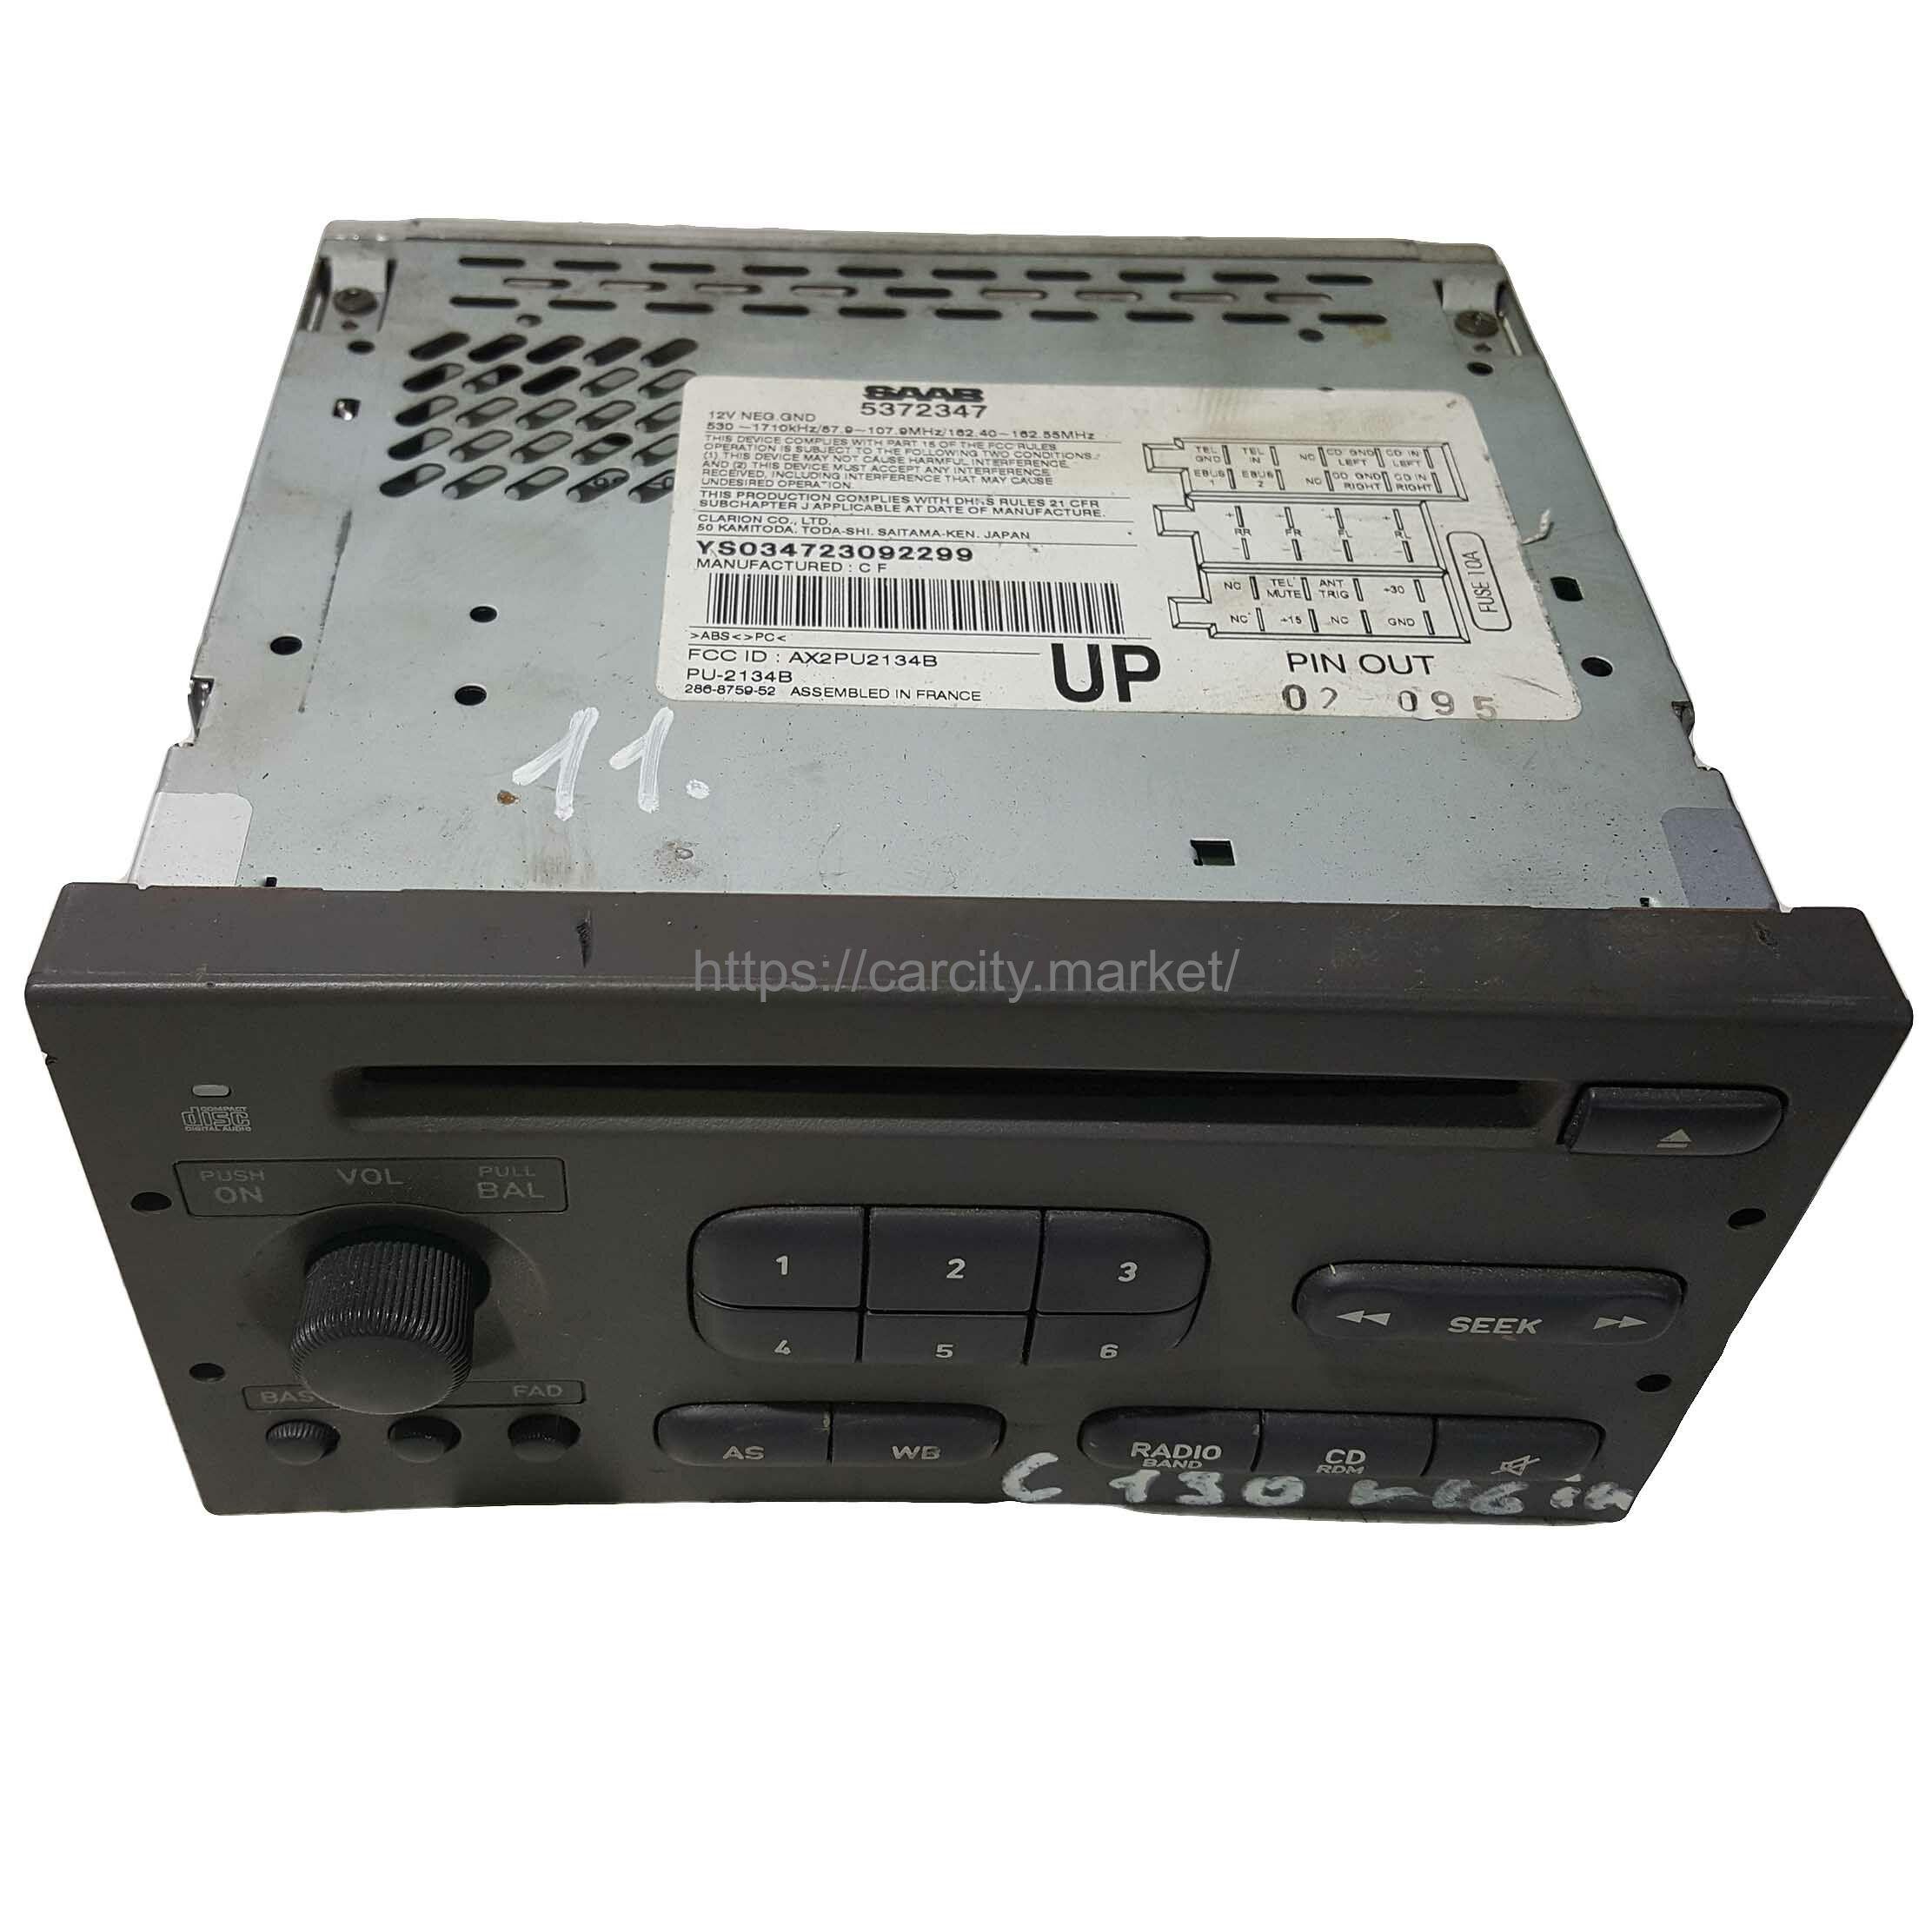 Радио с CD SAAB 9-3 2001-2003г купить в Карсти Маркет